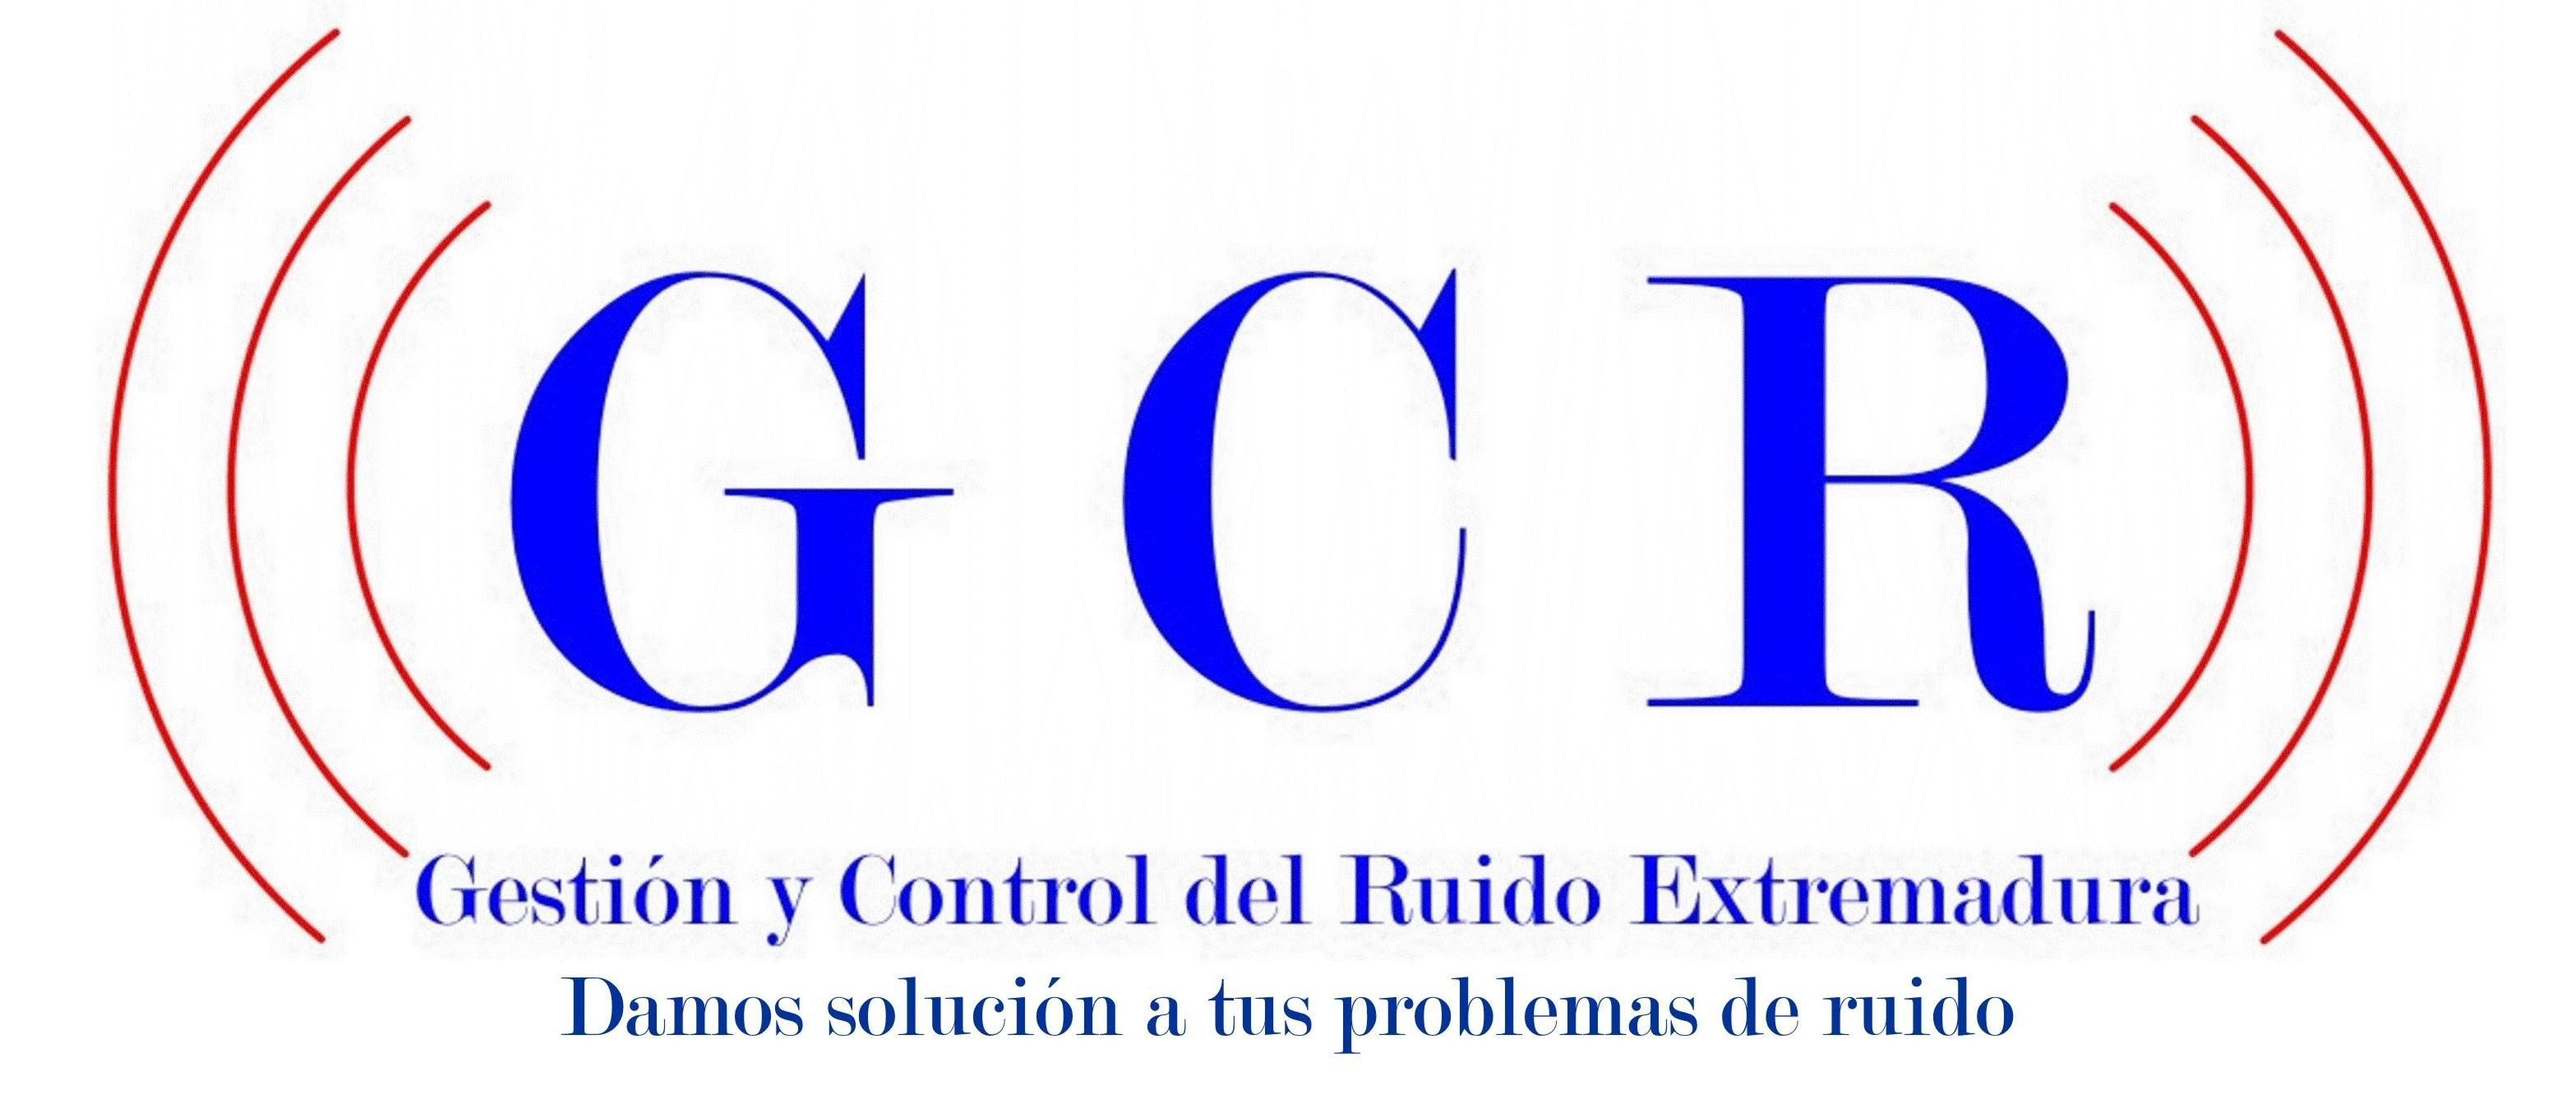 LOGOTIPO CON eslogan